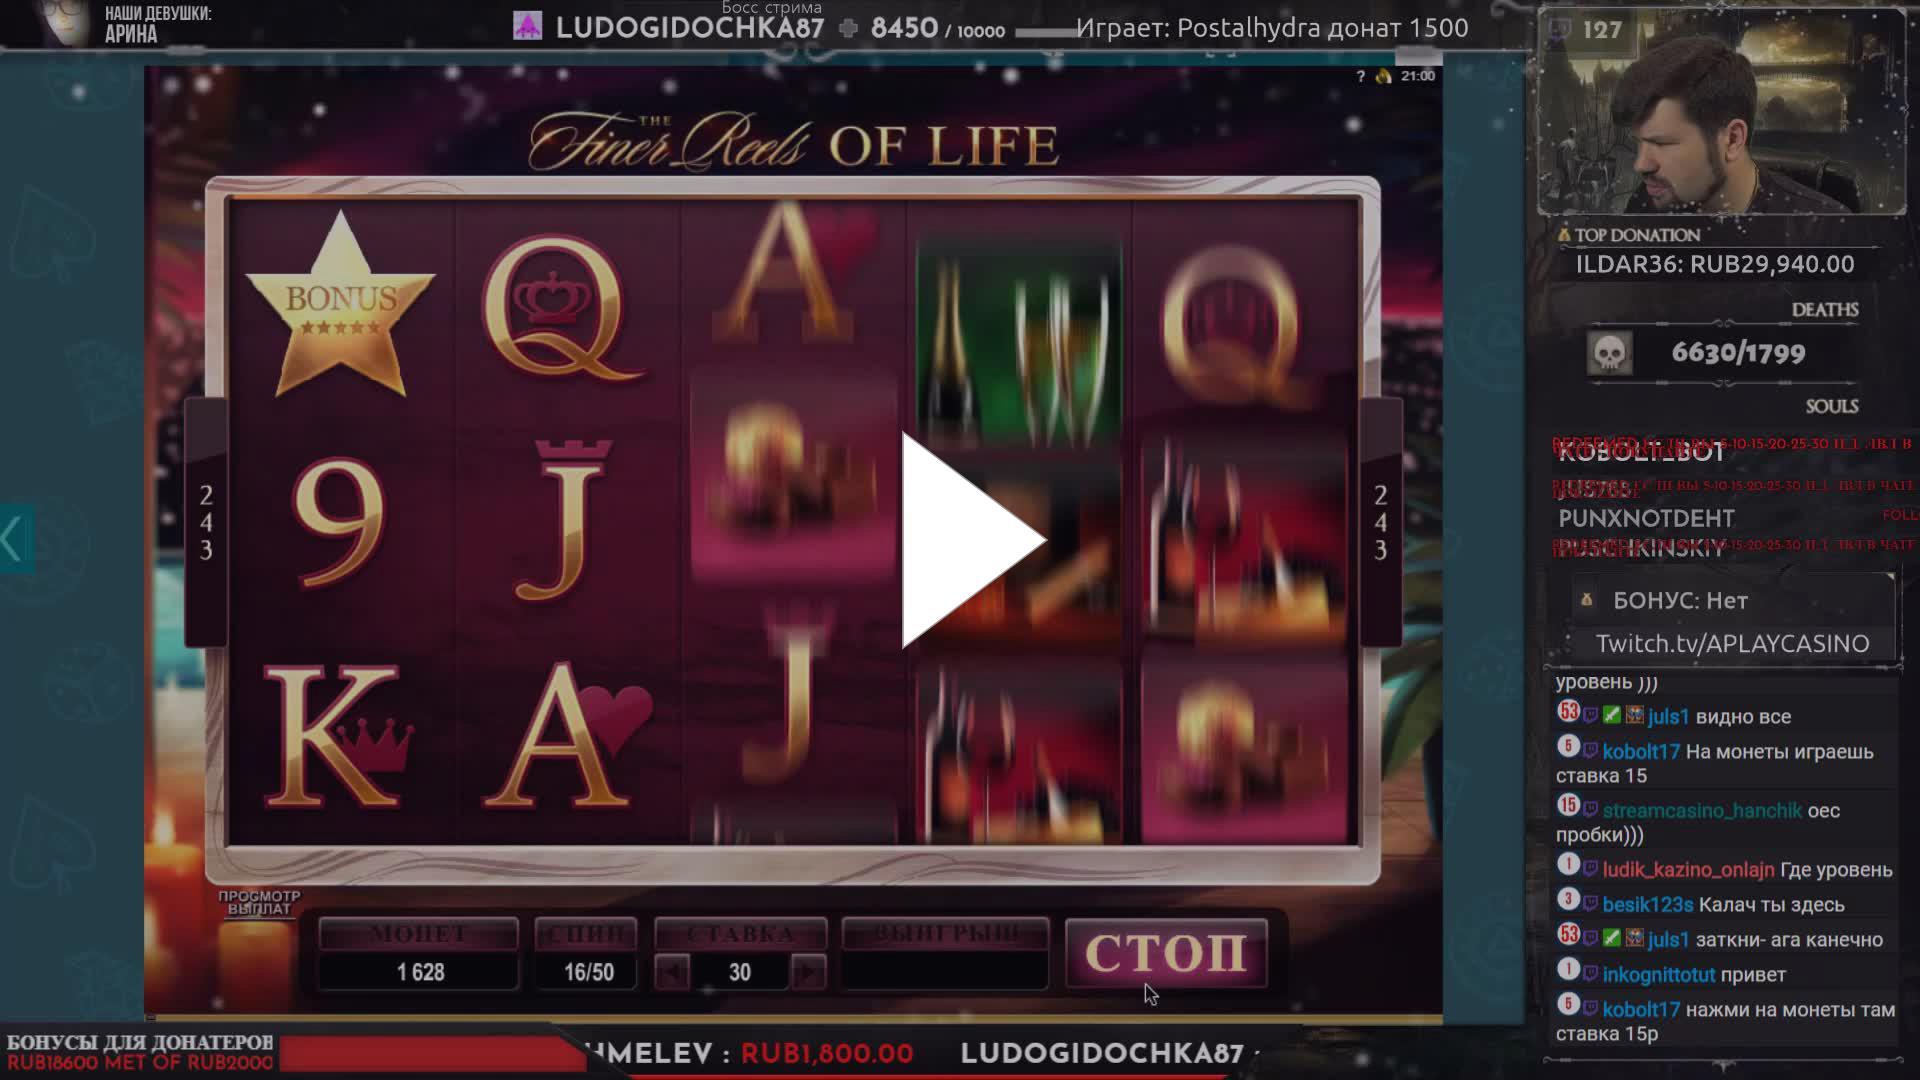 фото Aplay казино промокод